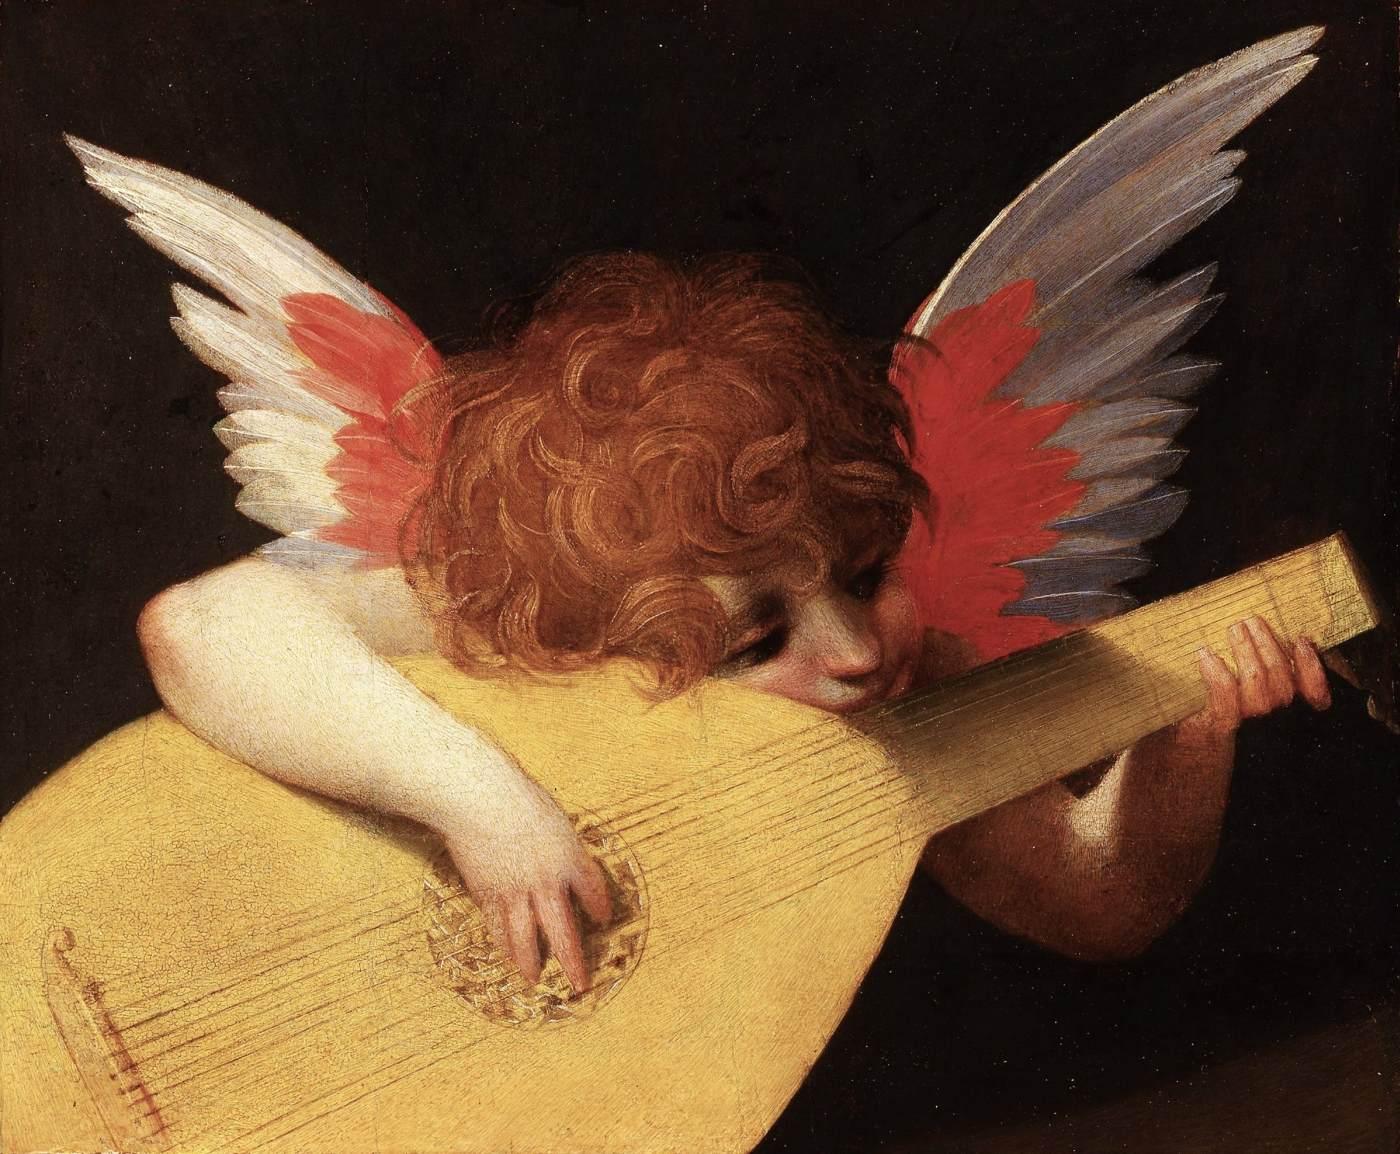 Rosso Fiorentino's Angelino Musicante